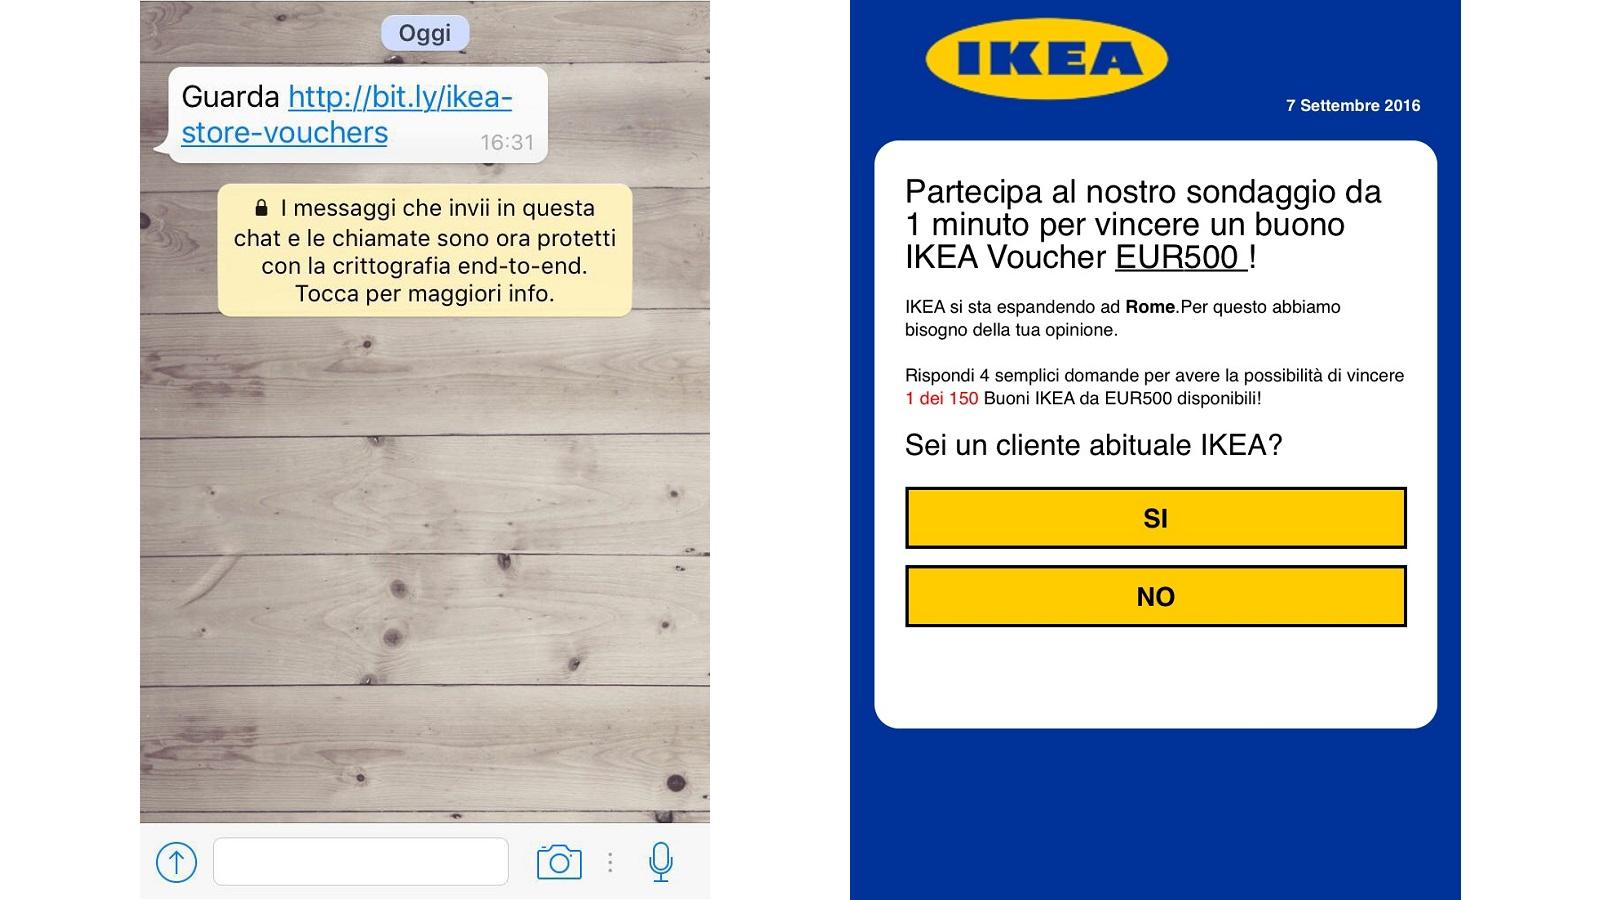 Rispondi Al Sondaggio E Vinci Un Buono Ikea Torna La Truffa Su Whatsapp